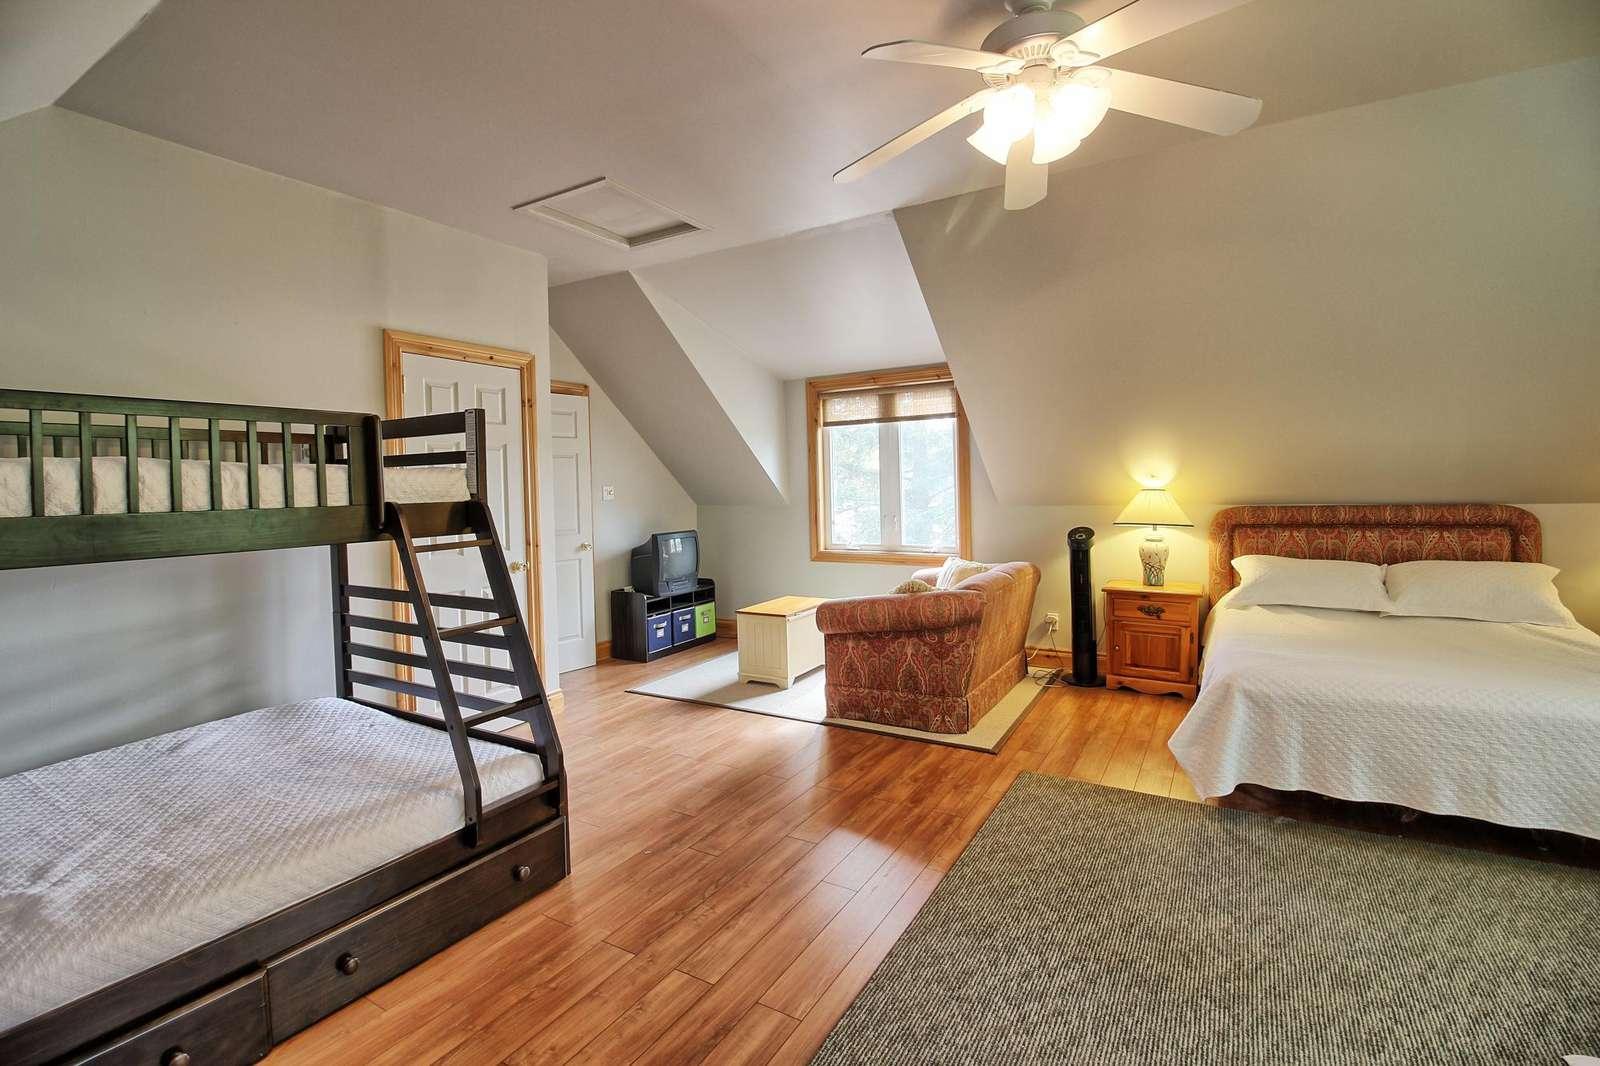 Loft - Bunk Bed + 2 Queens